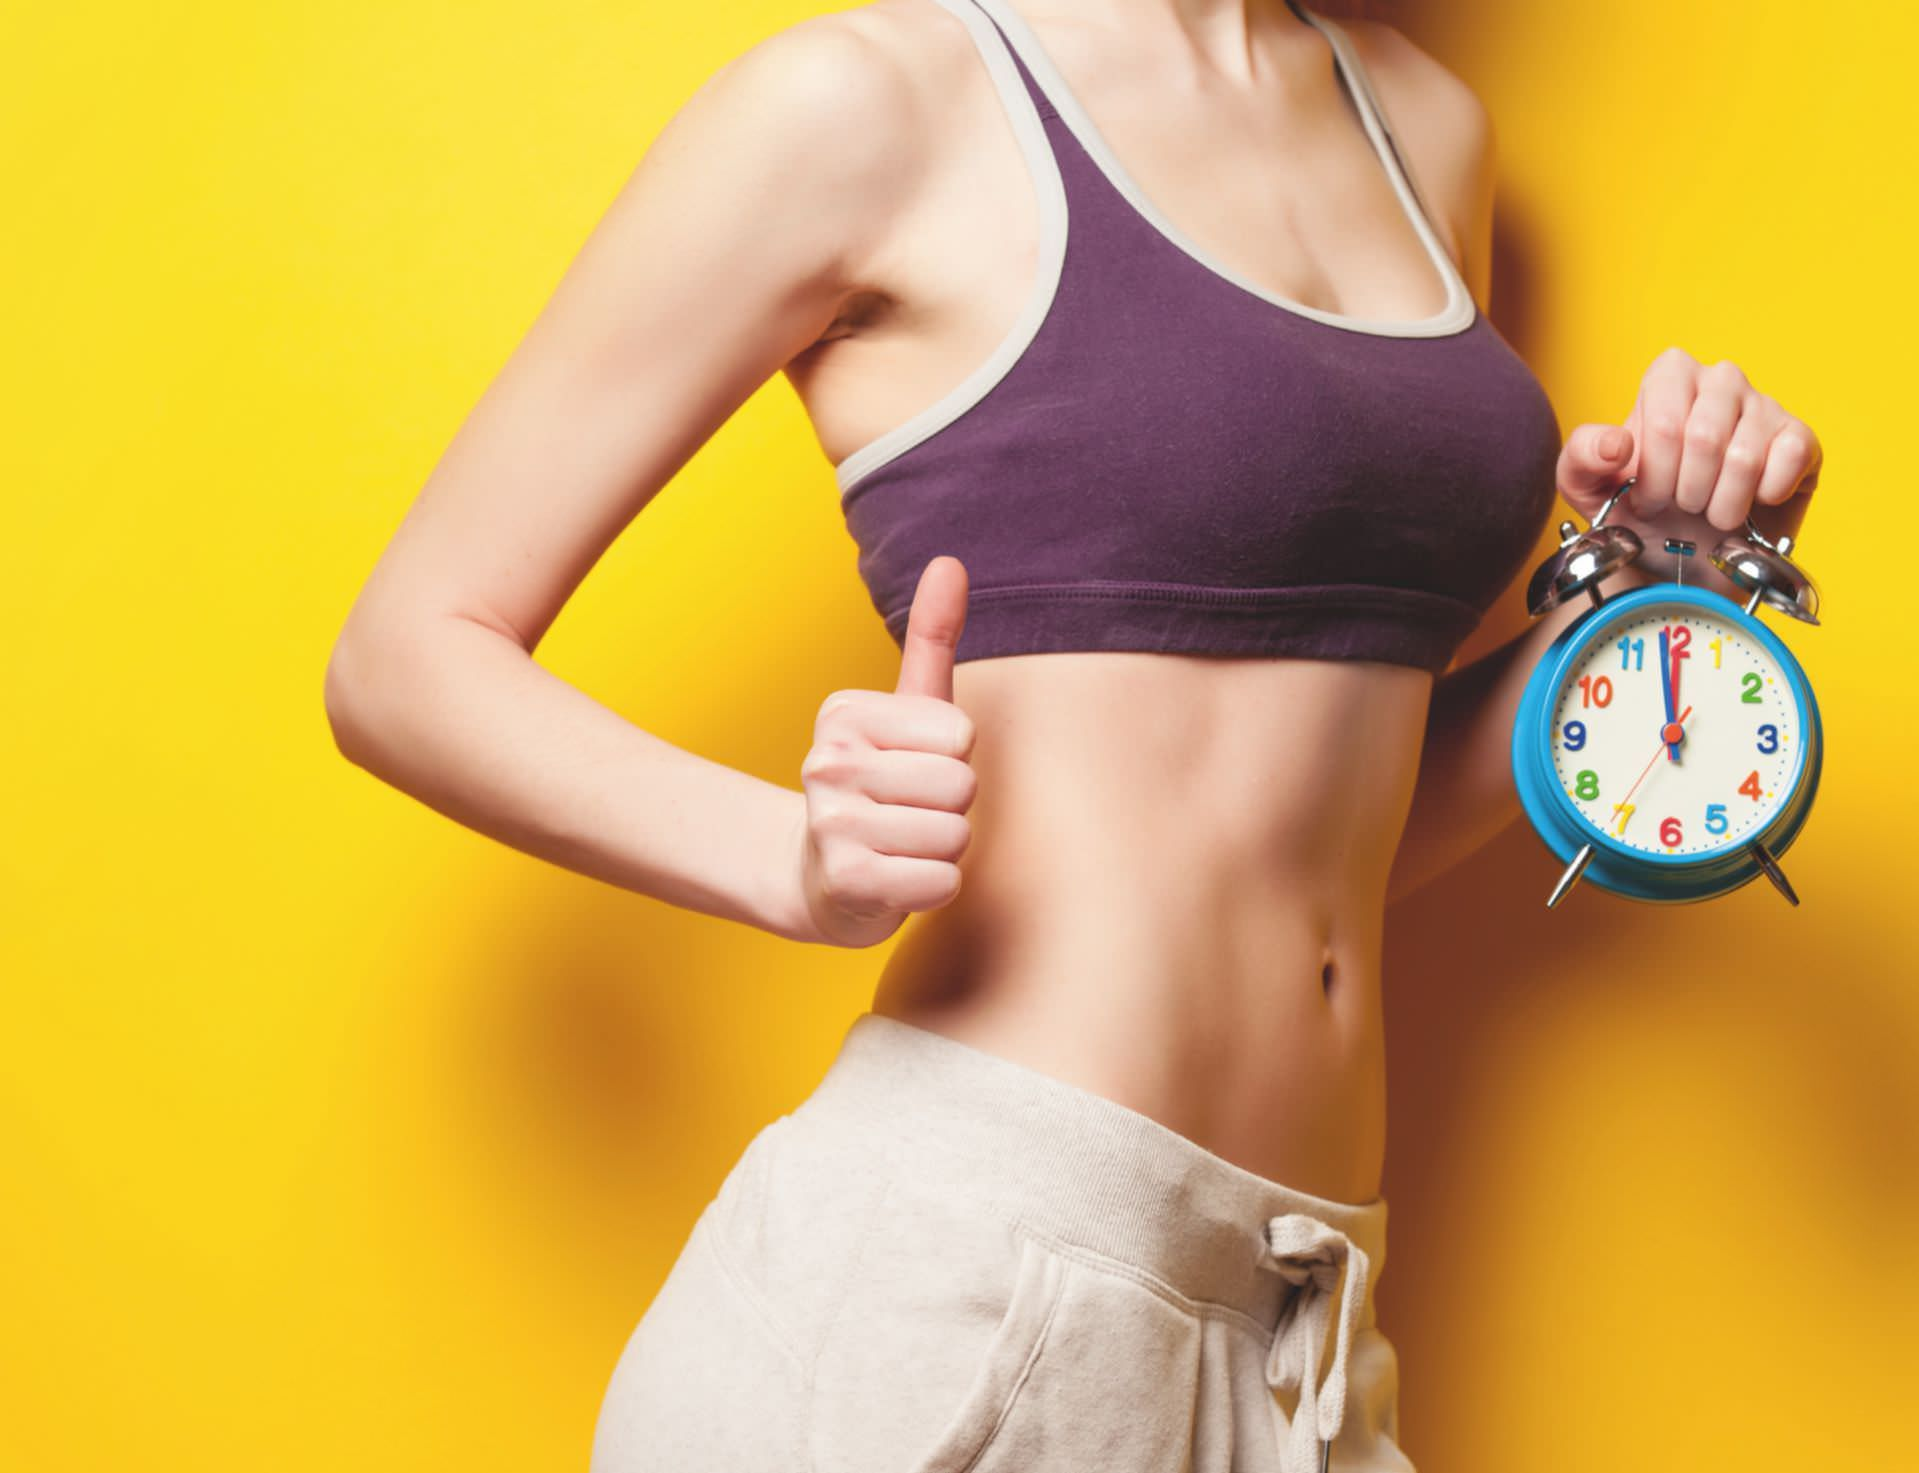 знатной картинки похудение дома сдается полное ваше